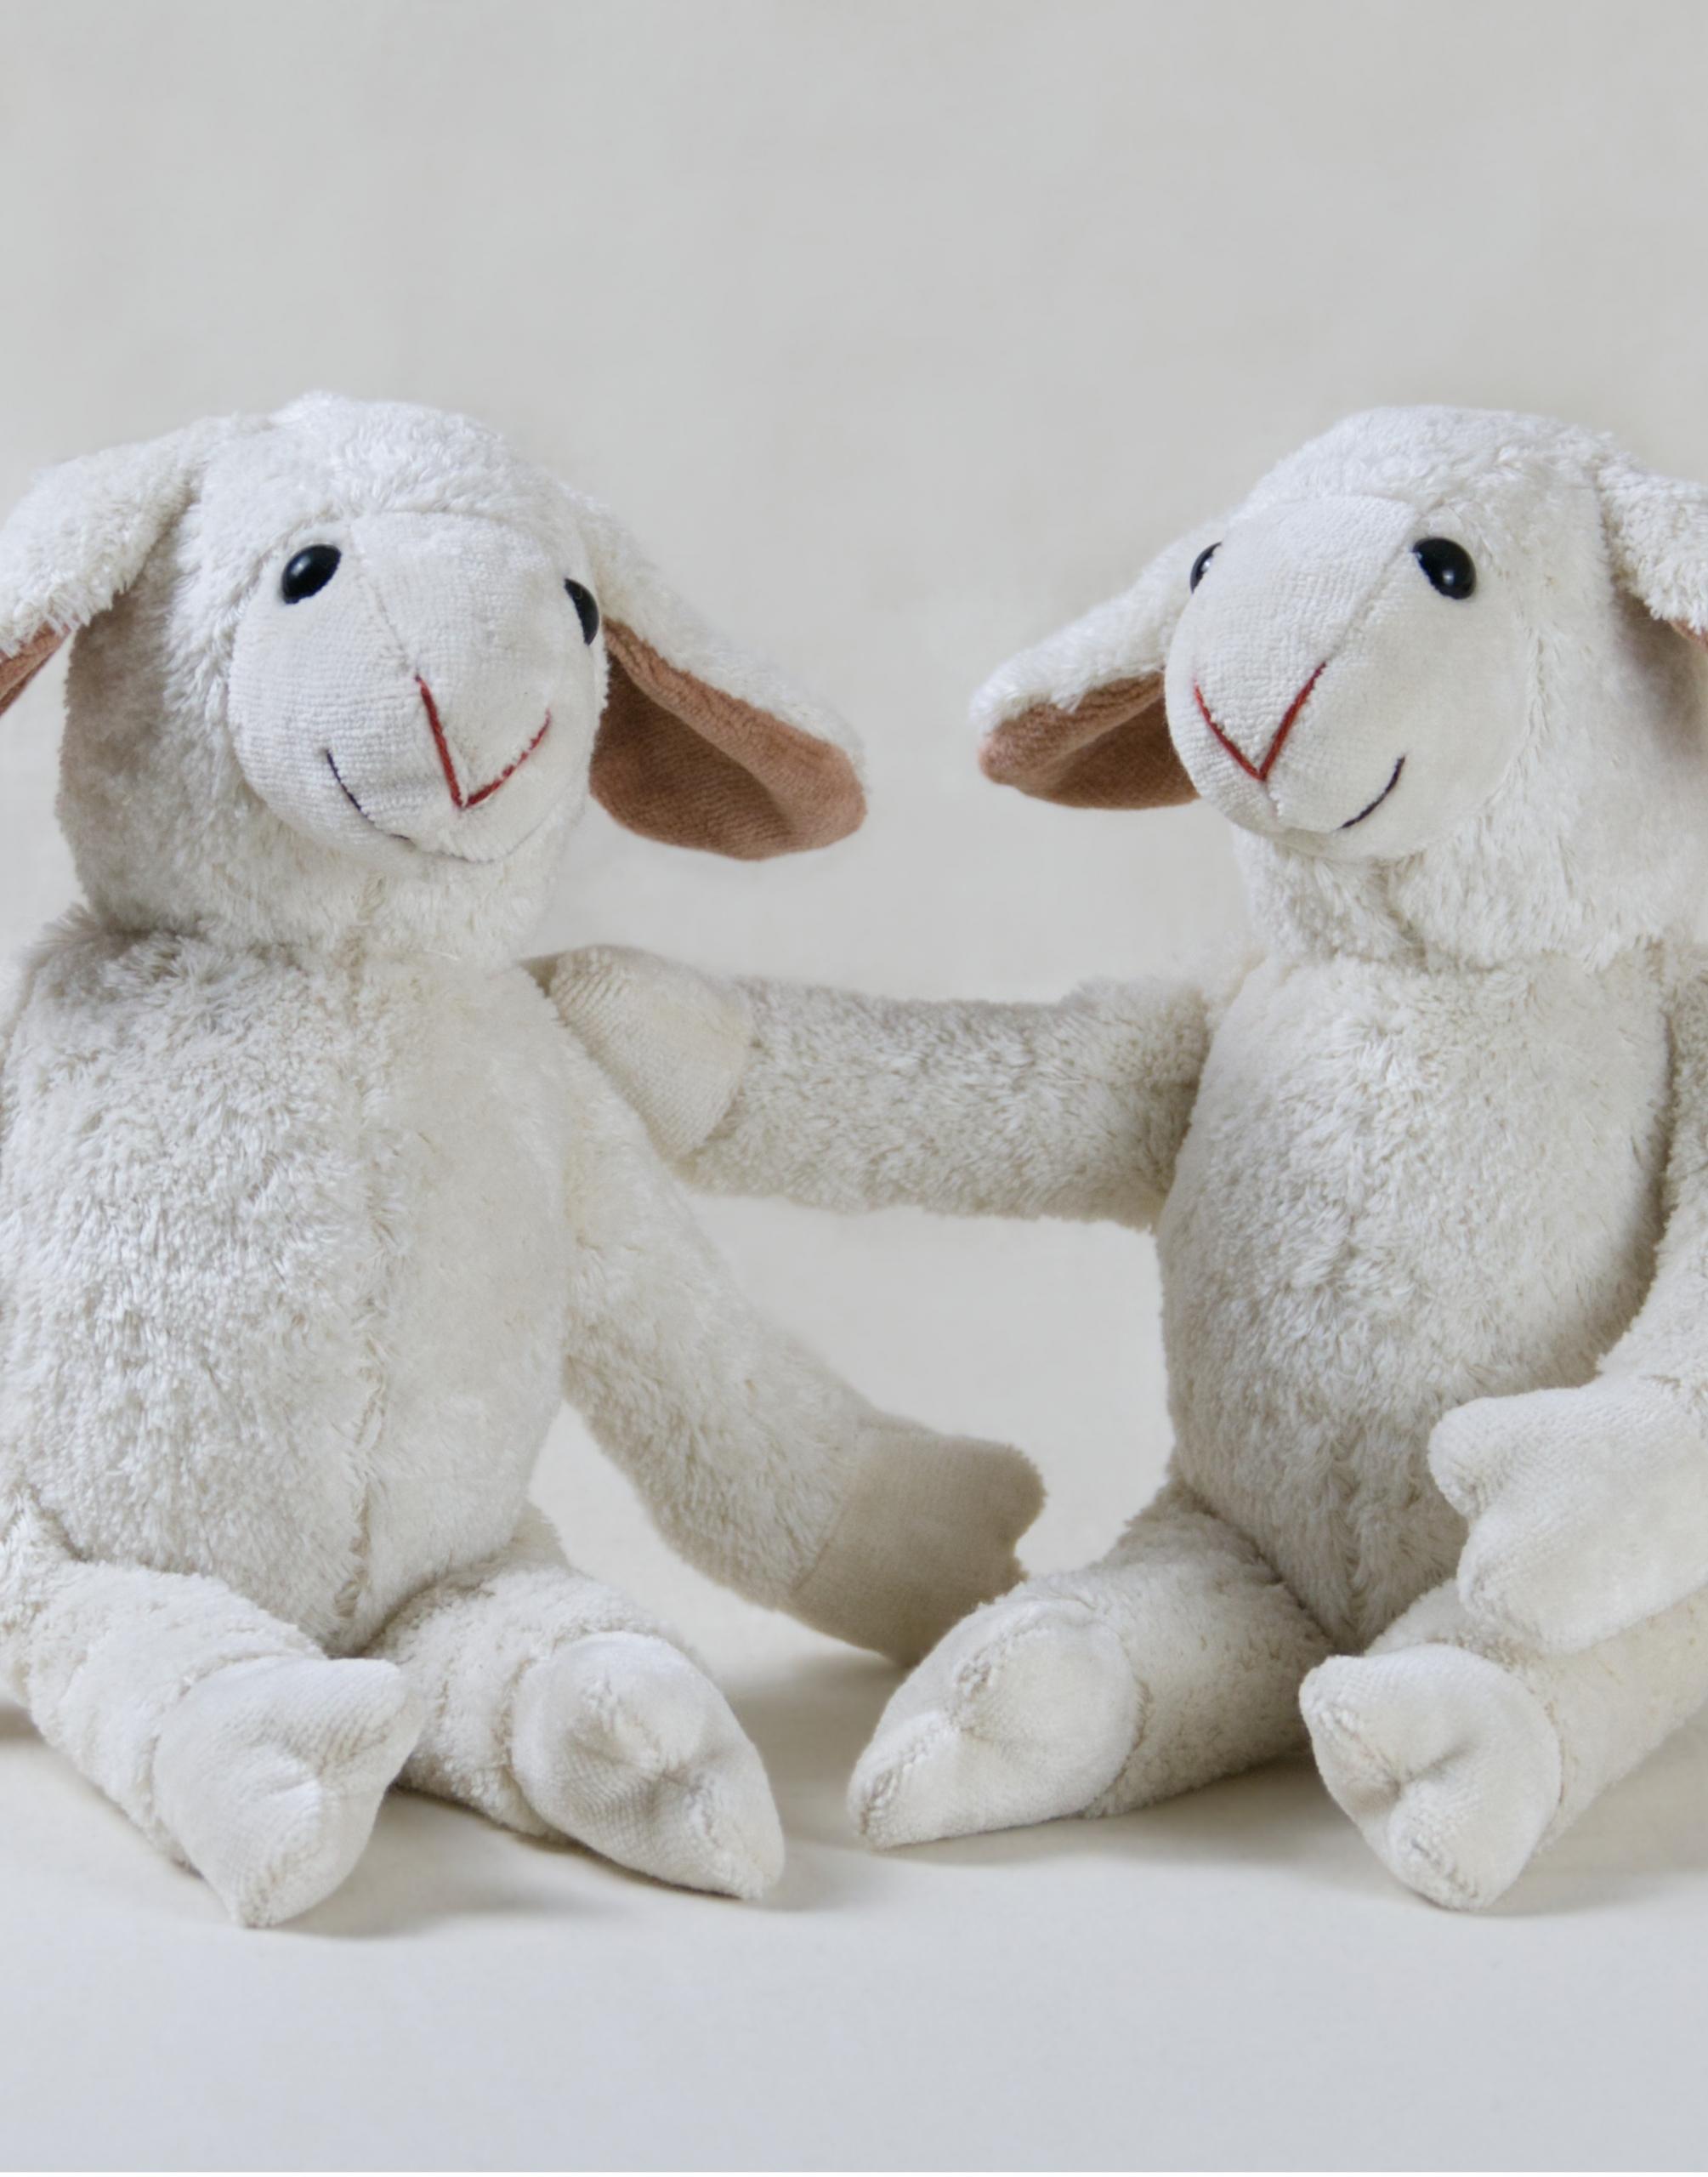 Zwei Schaf Bio-Kuscheltiere aus Baumwolle in Weiß